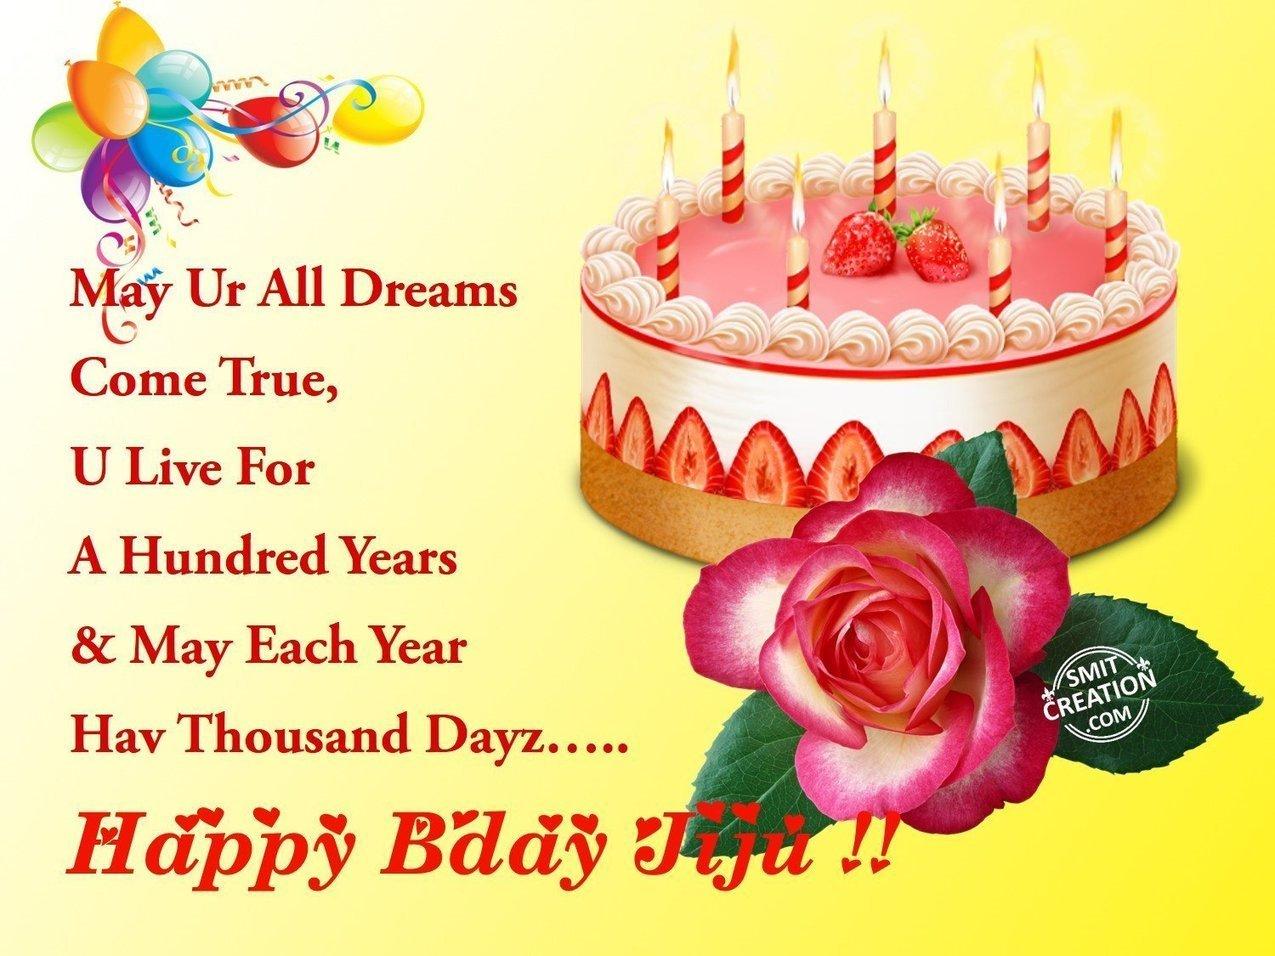 Happy Birthday Wishes For Jija Jiju And Sali